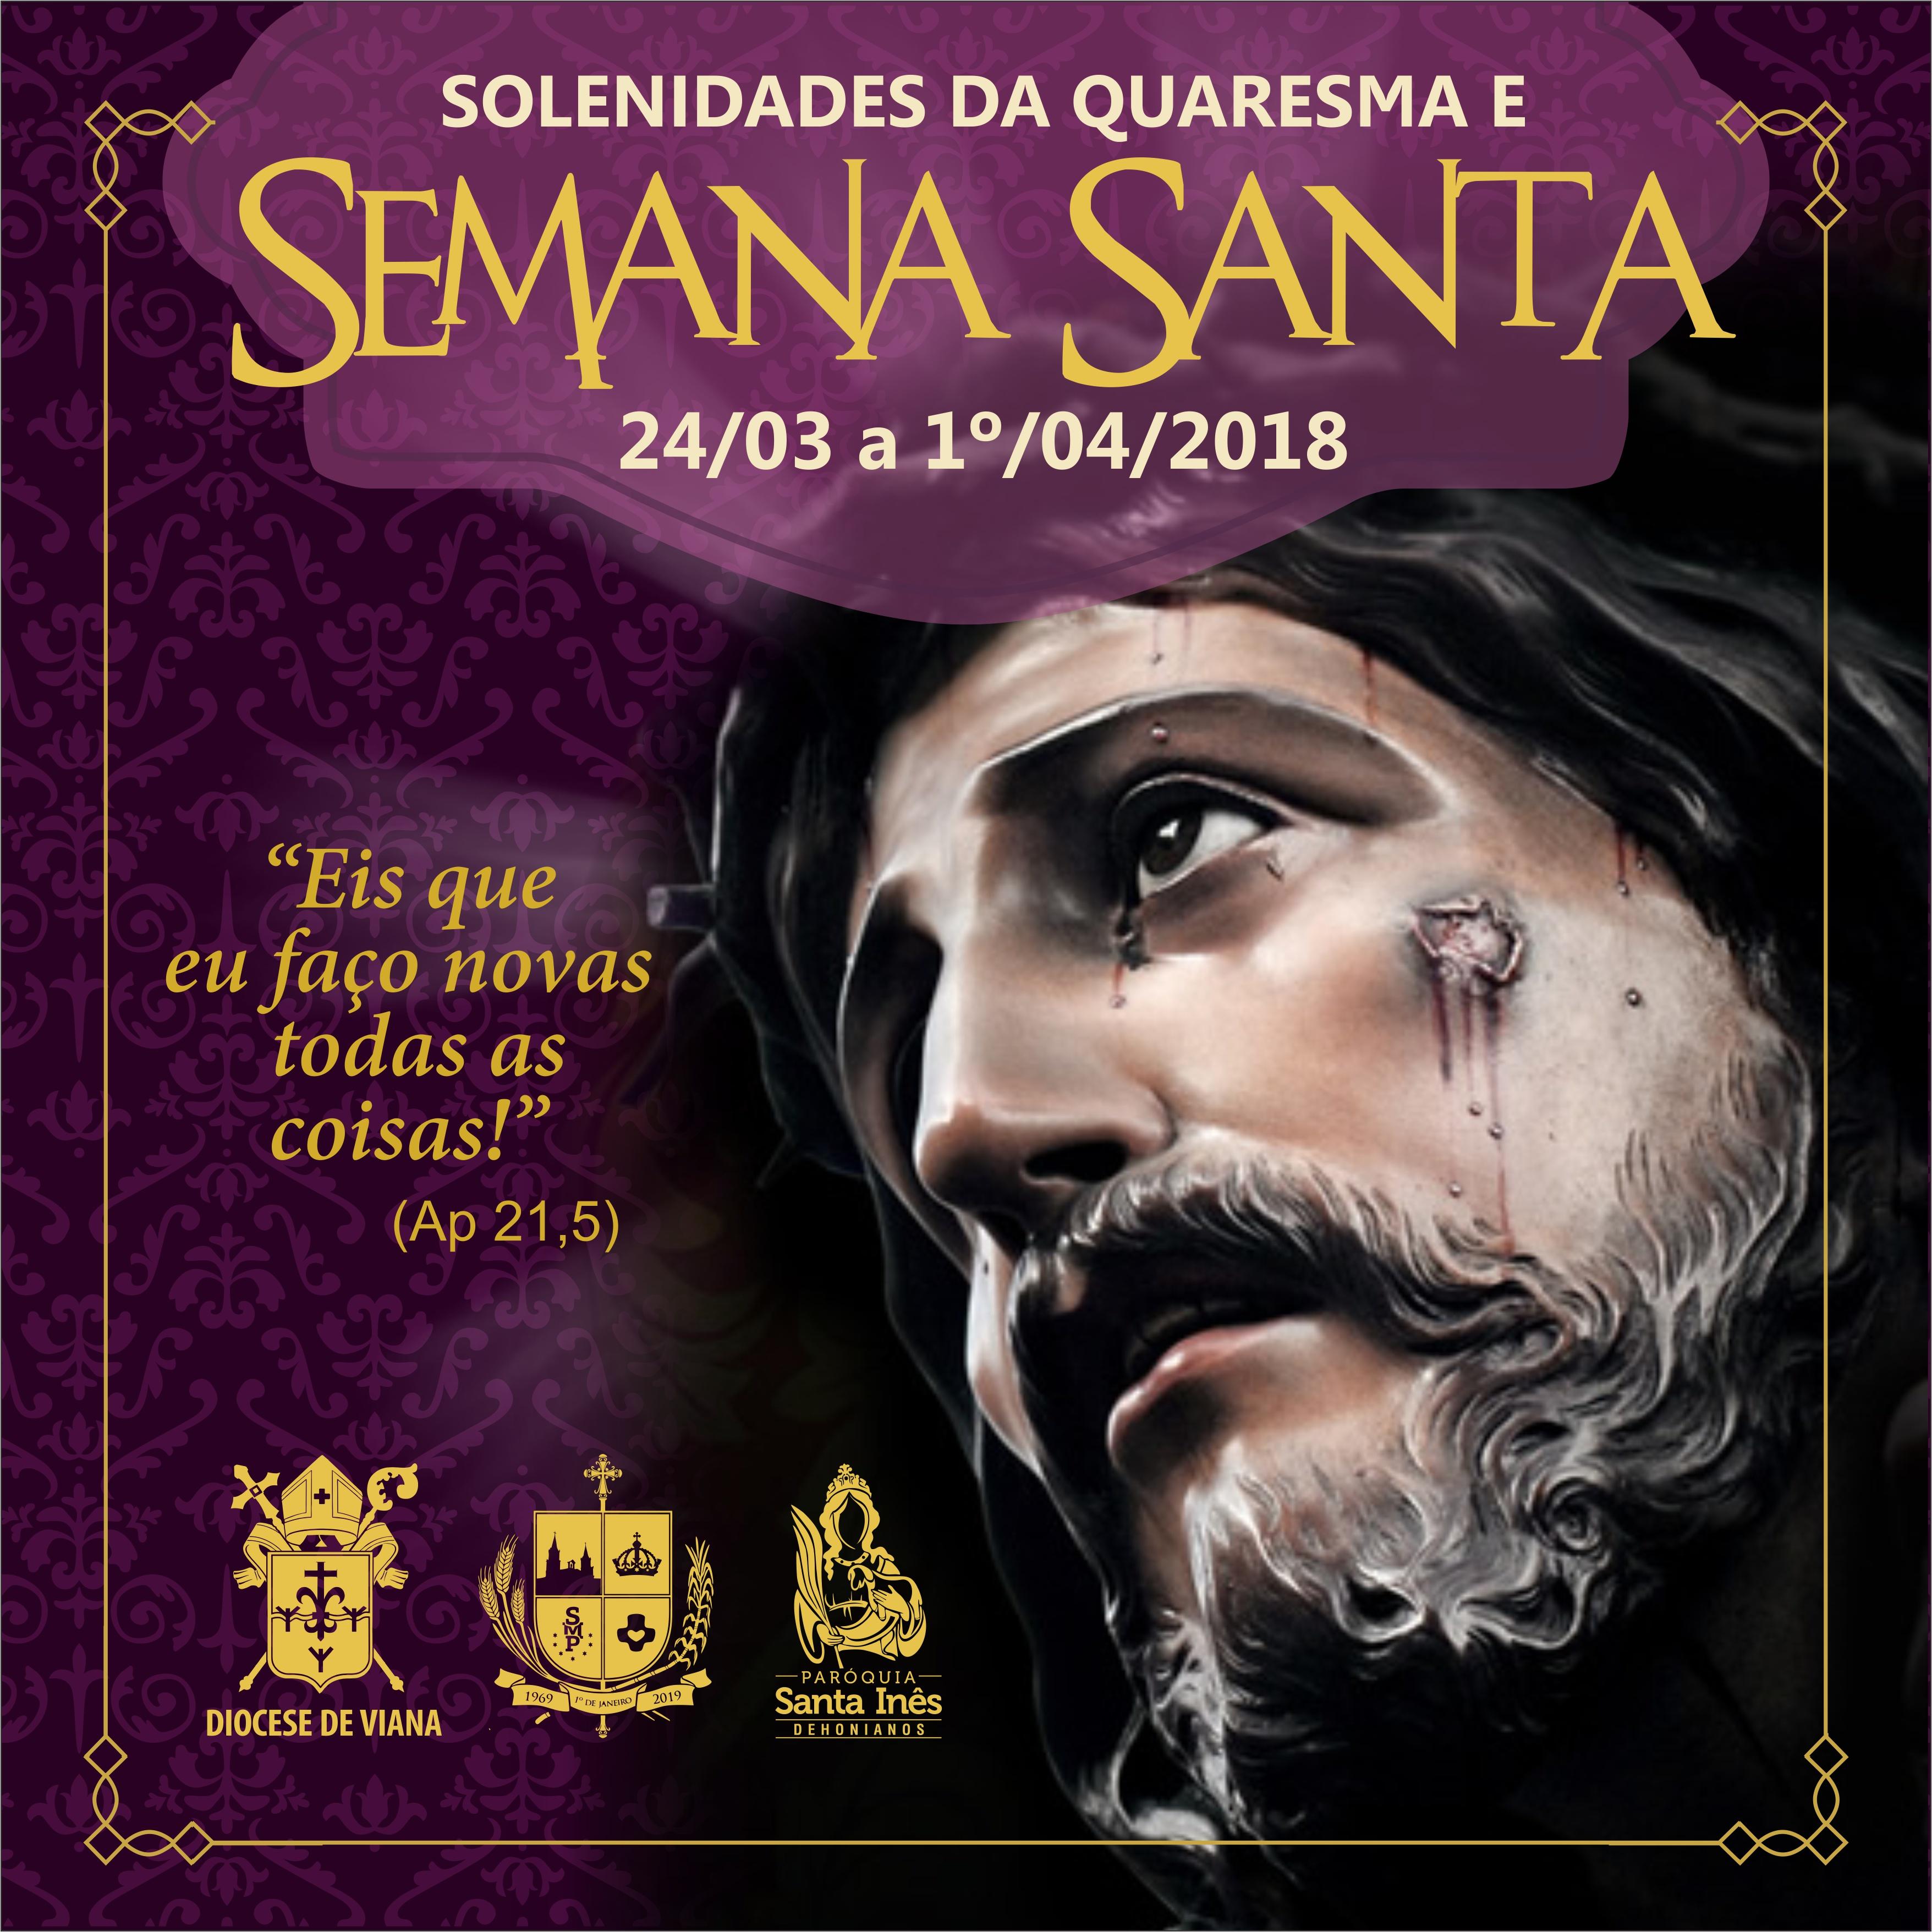 Semana Santa começa neste sábado (24), na Paróquia Santa Inês